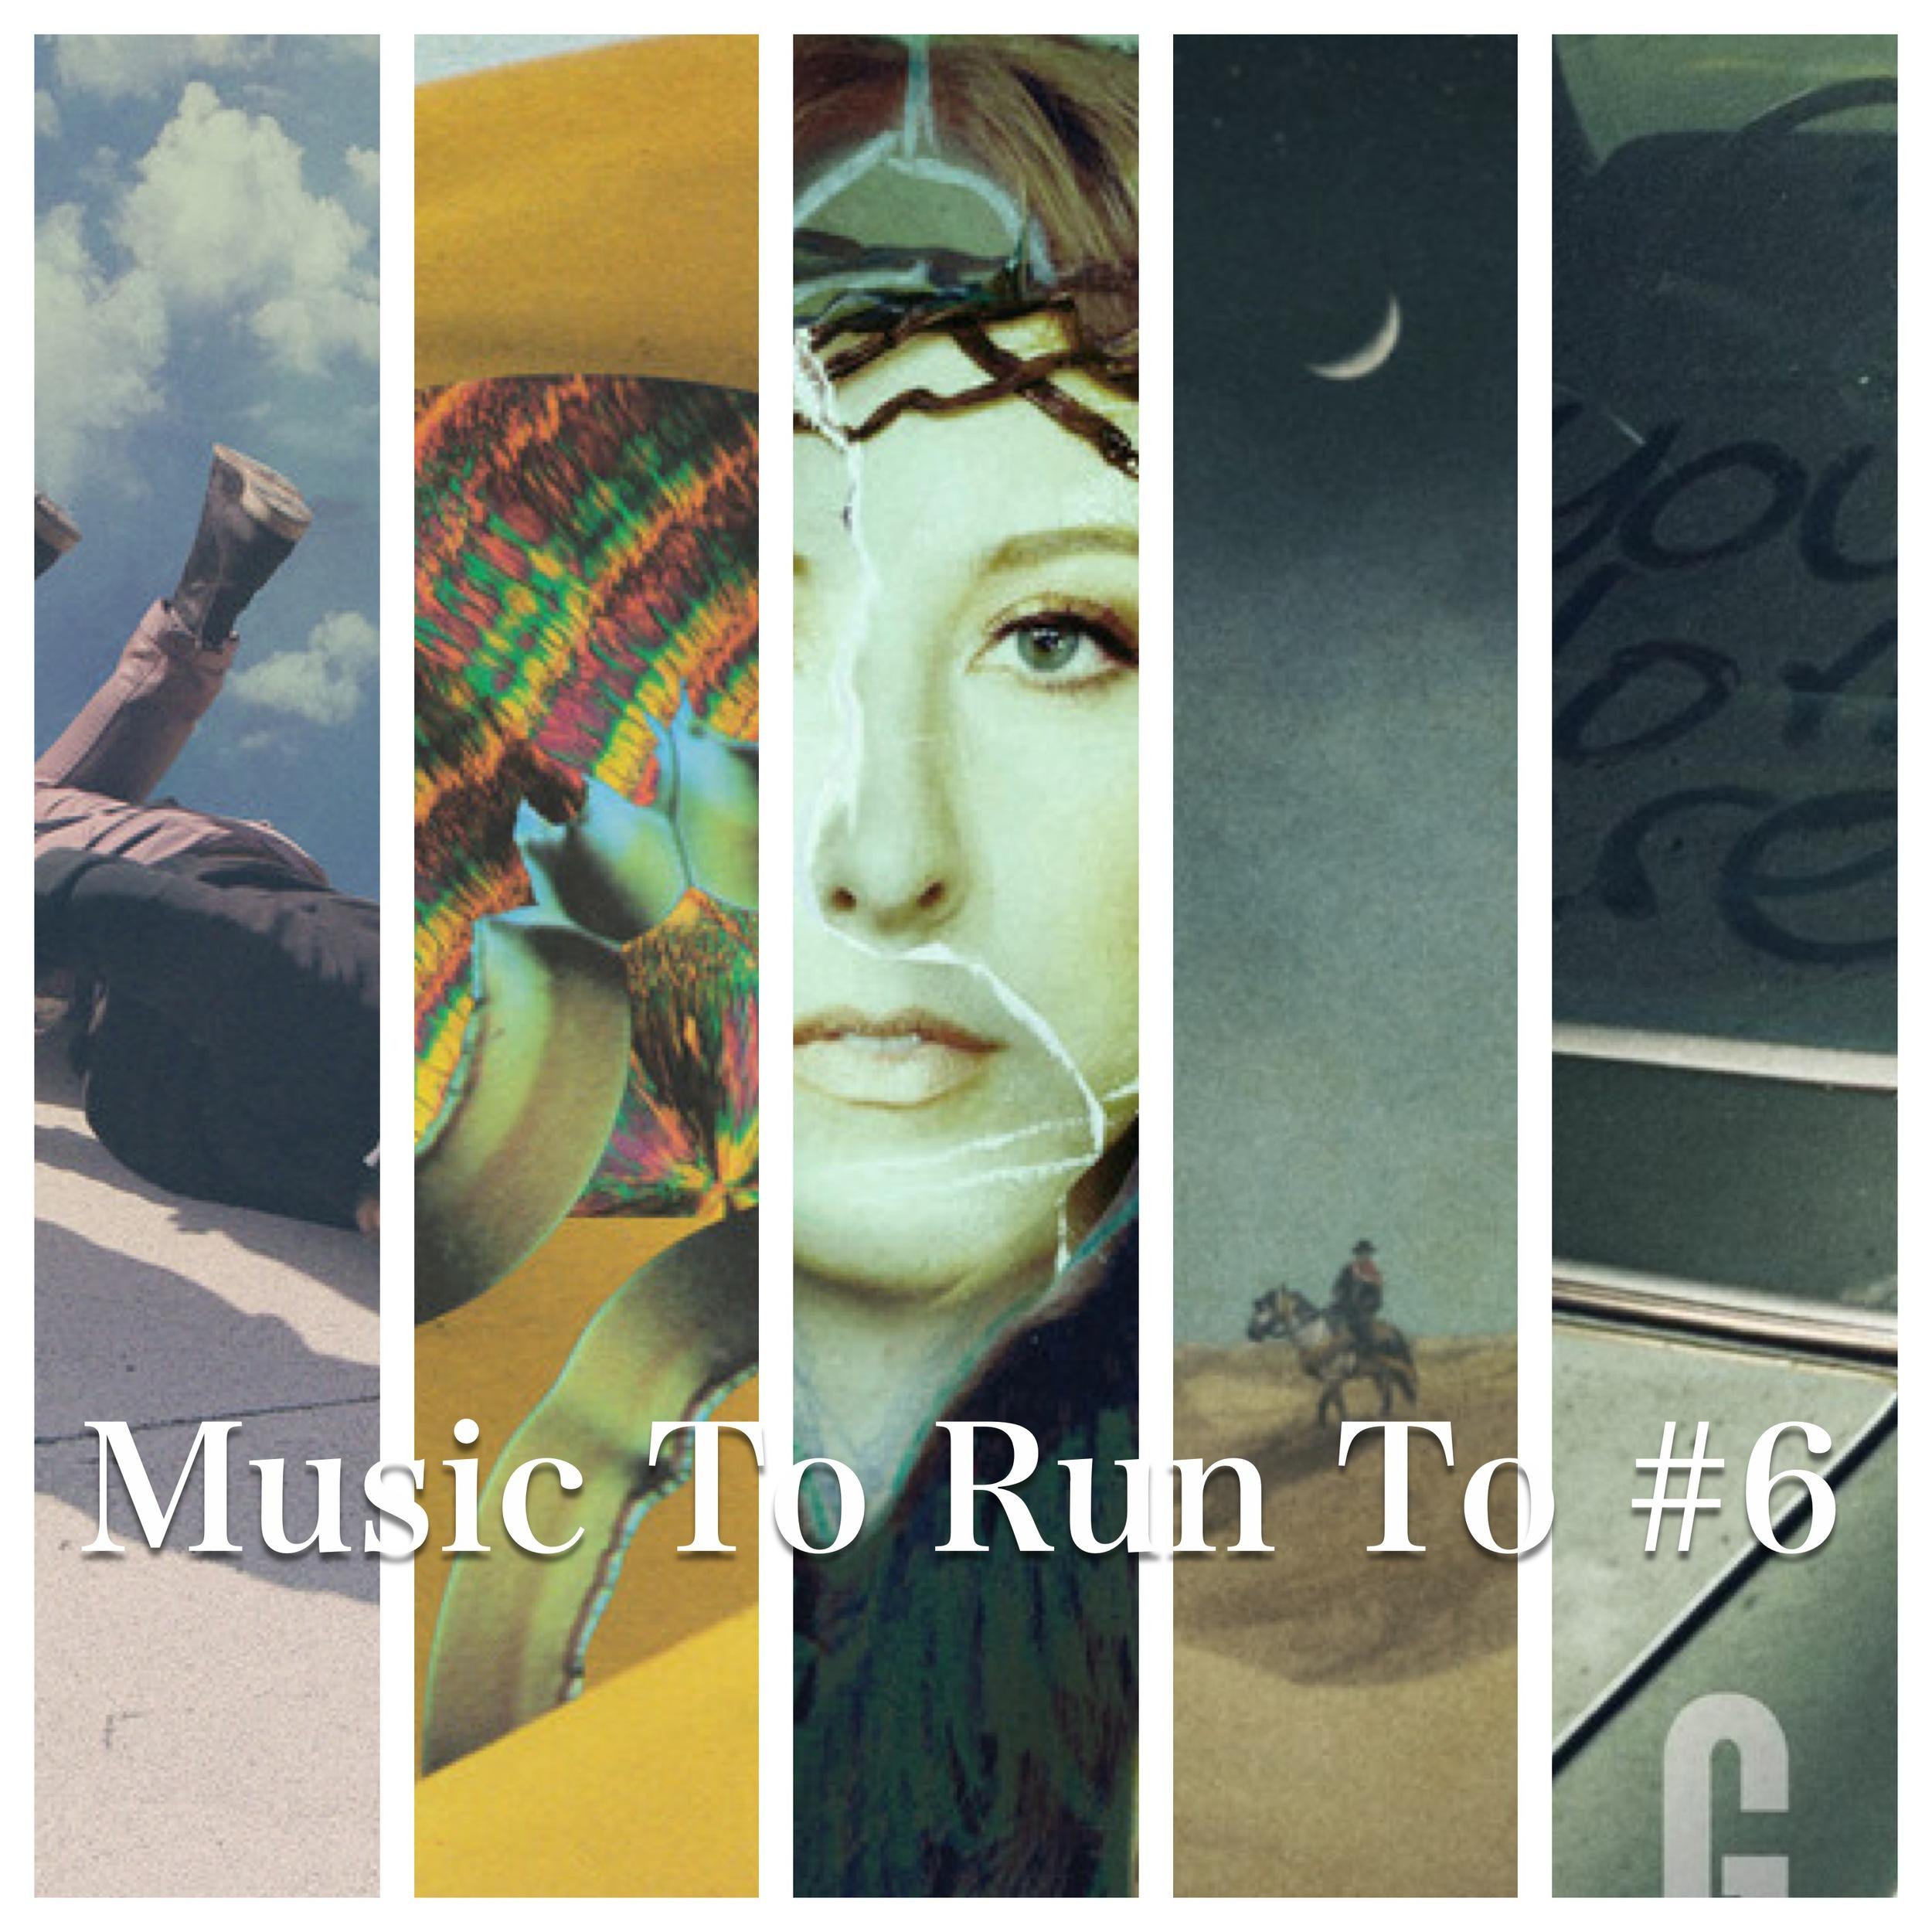 Music To Run To #6